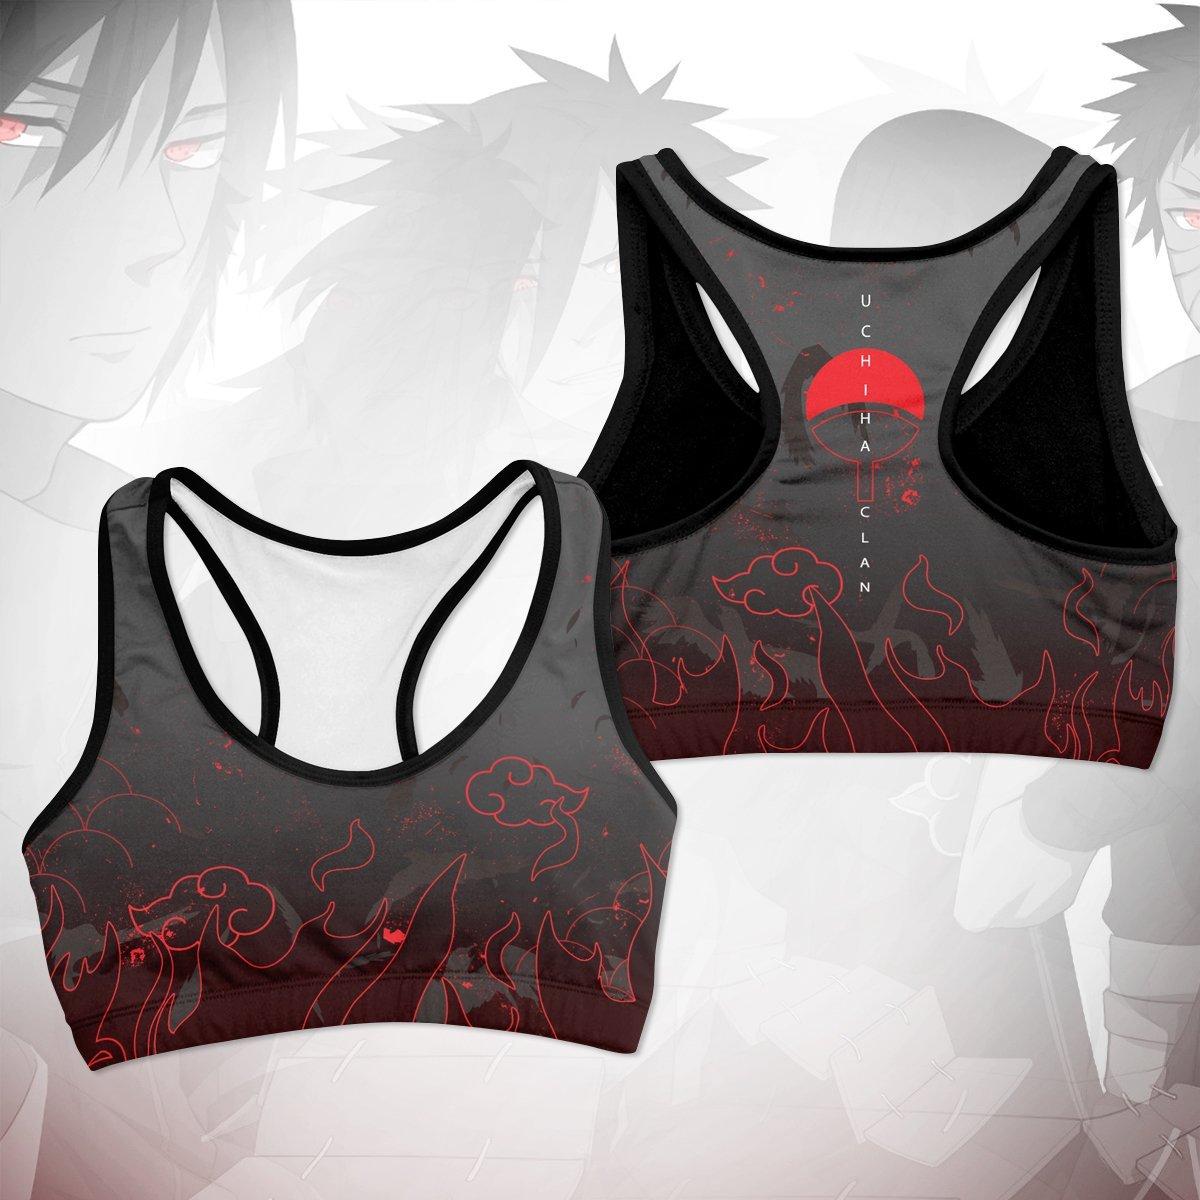 uchiha emblem active wear set 424050 - Anime Swimsuits